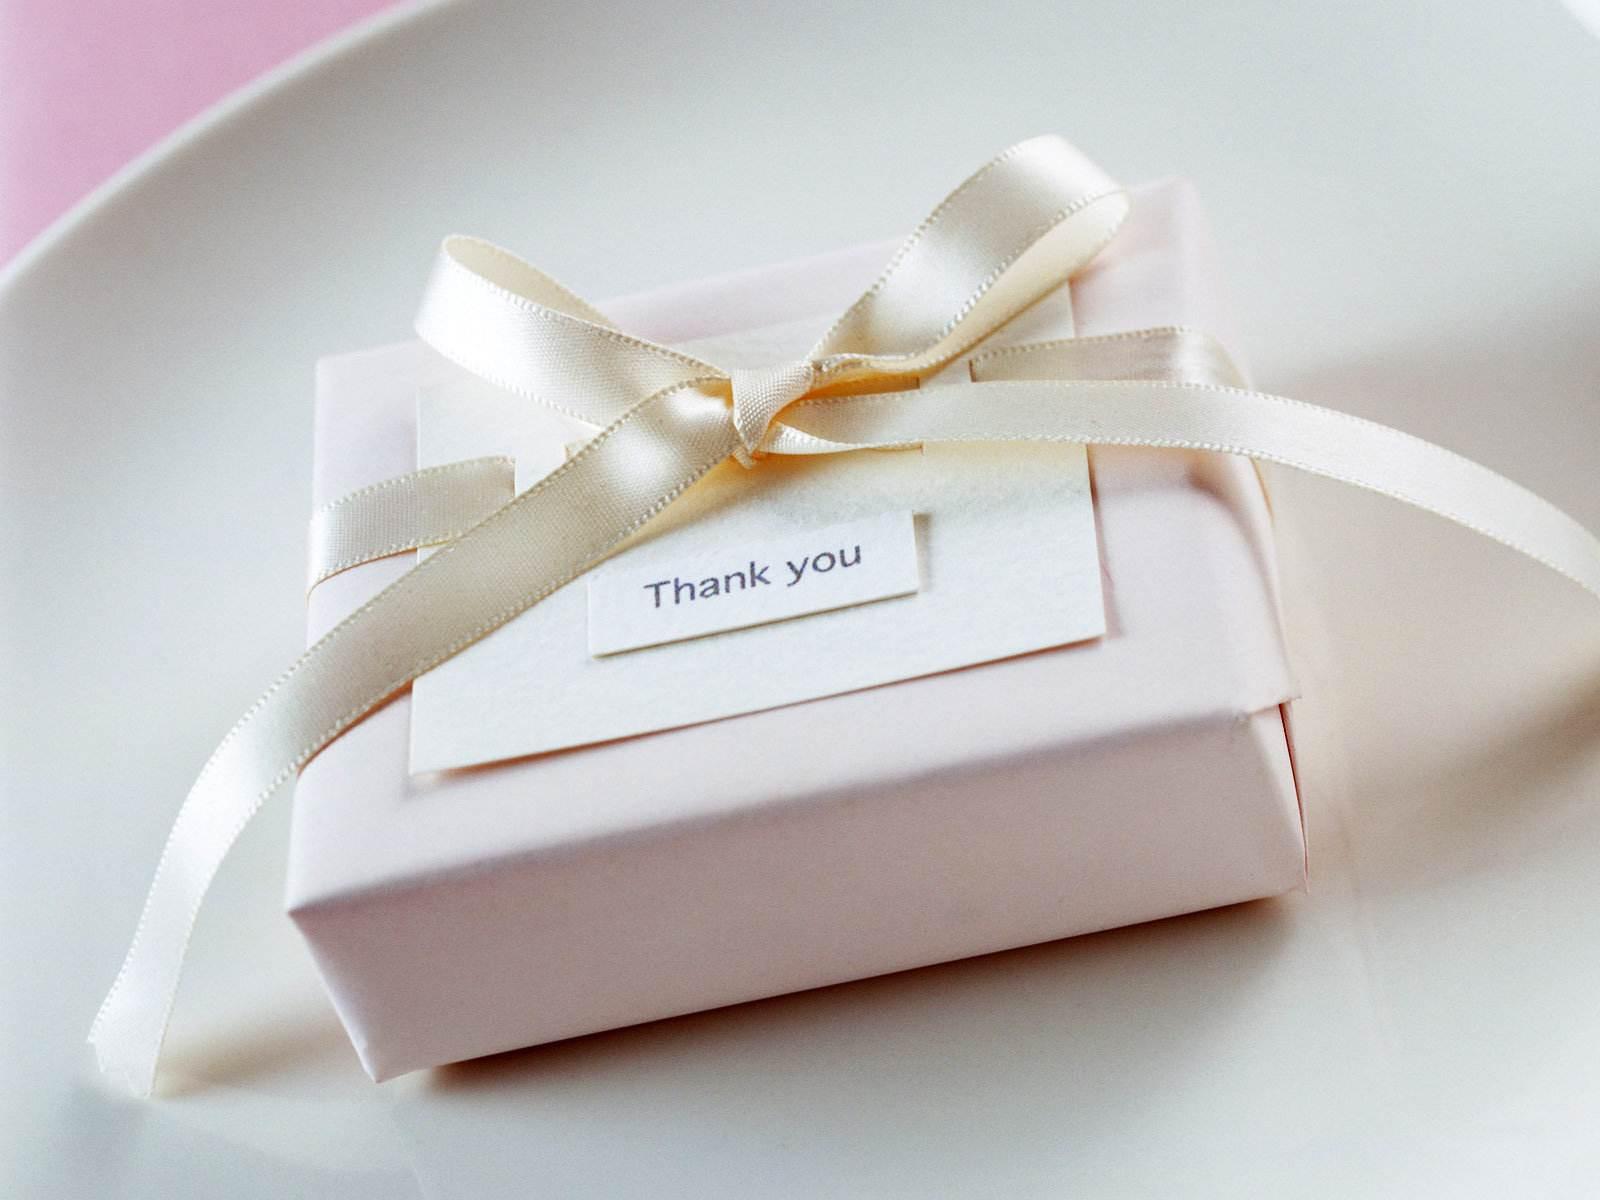 发现老公和他同学在微信里谈情说爱,还私底下送礼物!